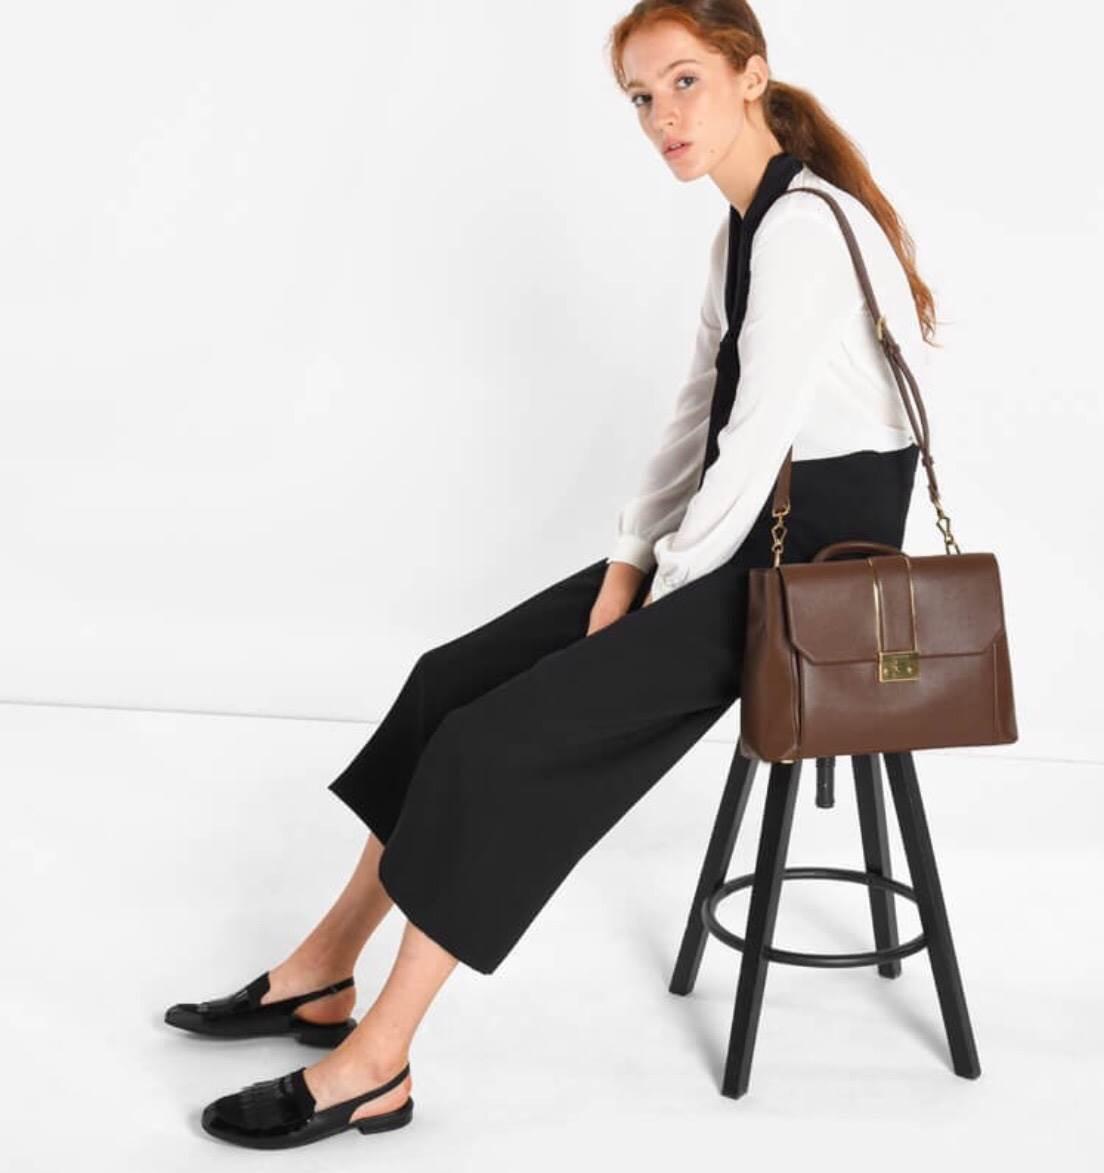 กระเป๋า CHARLES & KEITH SAFFIANO HANDBAG 1,490 บาท free ems *OUTLET SALE แถมถุงผ้ากันฝุ่นคุ้มมากคร้า